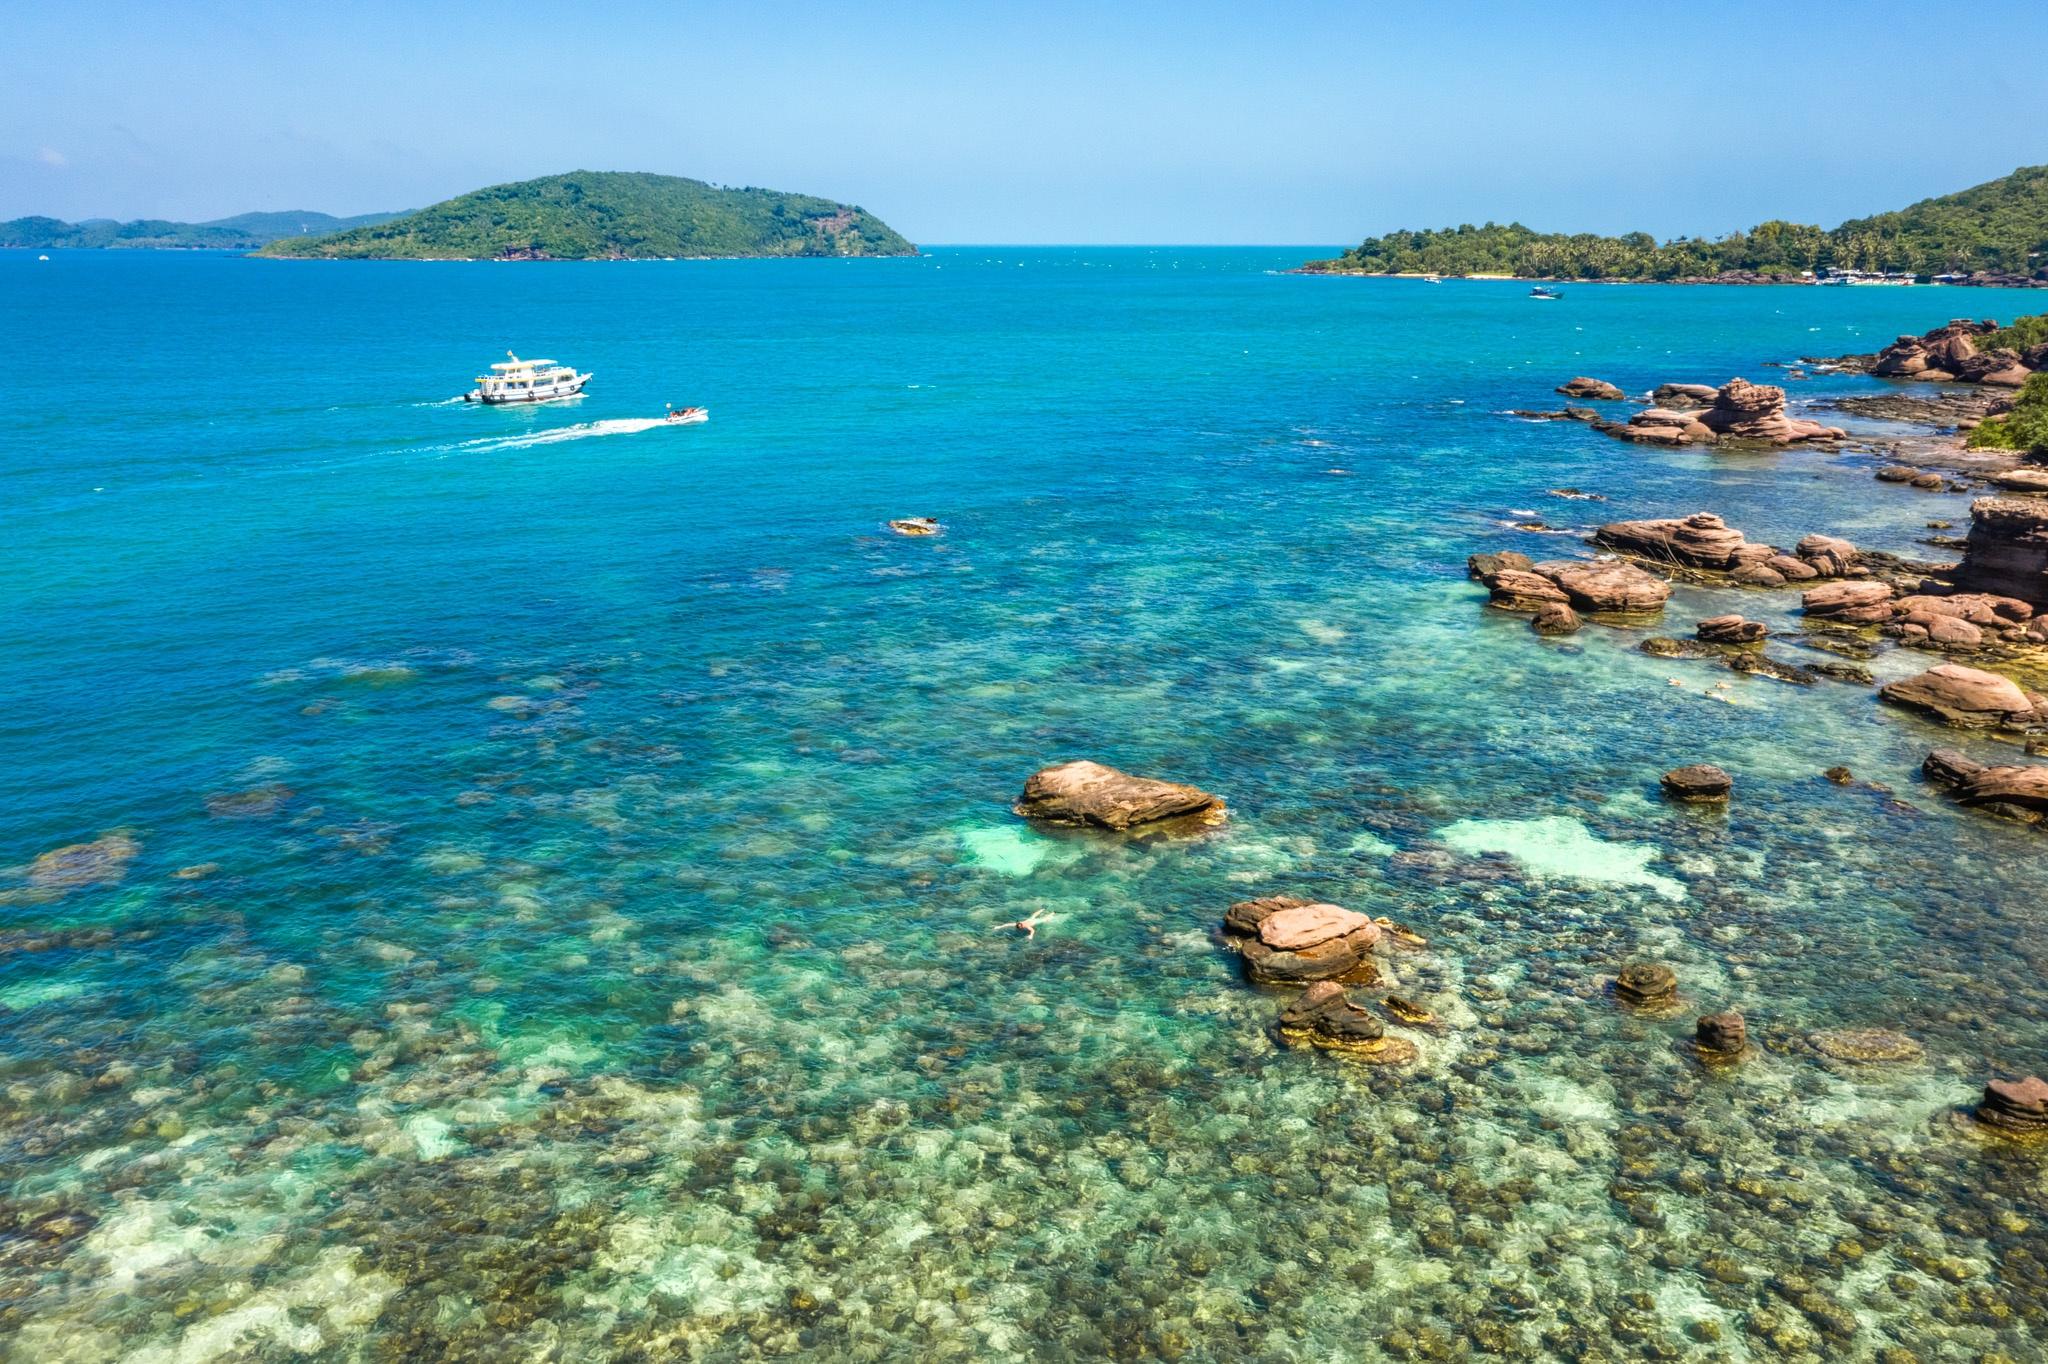 Chu du biển đảo Phú Quốc, ngắm vẻ đẹp giao hòa của tự nhiên - Ảnh 18.